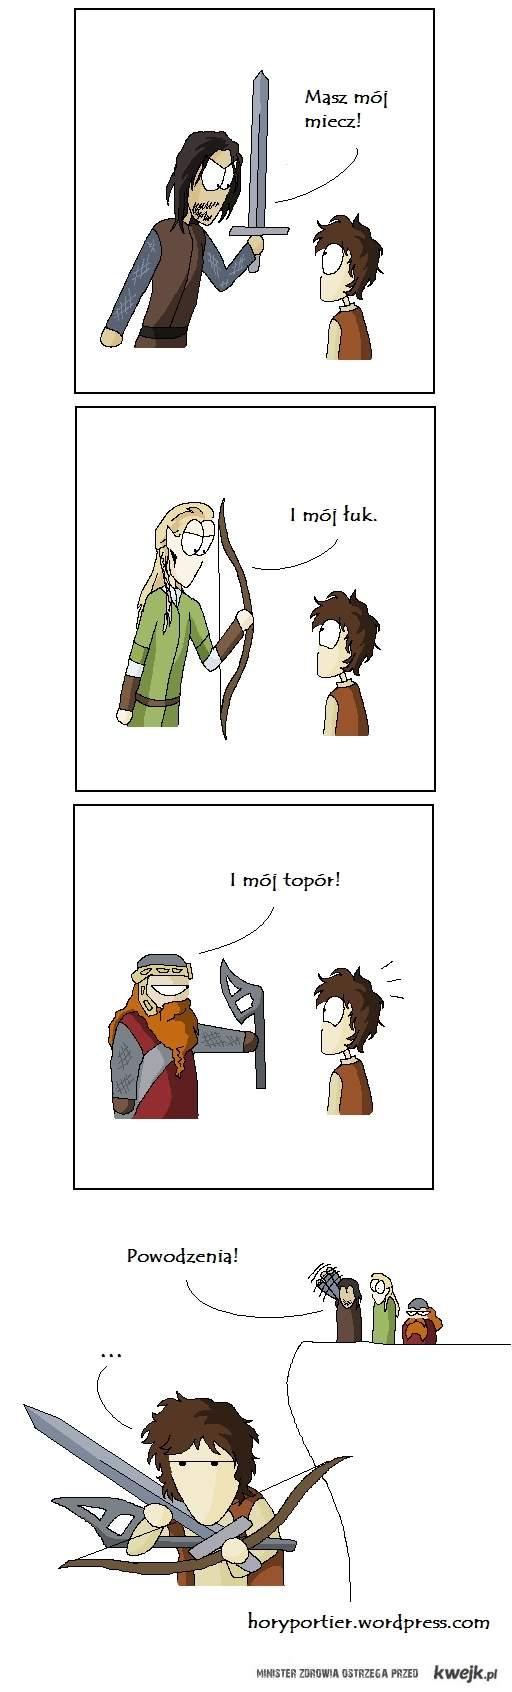 Masz mój miecz